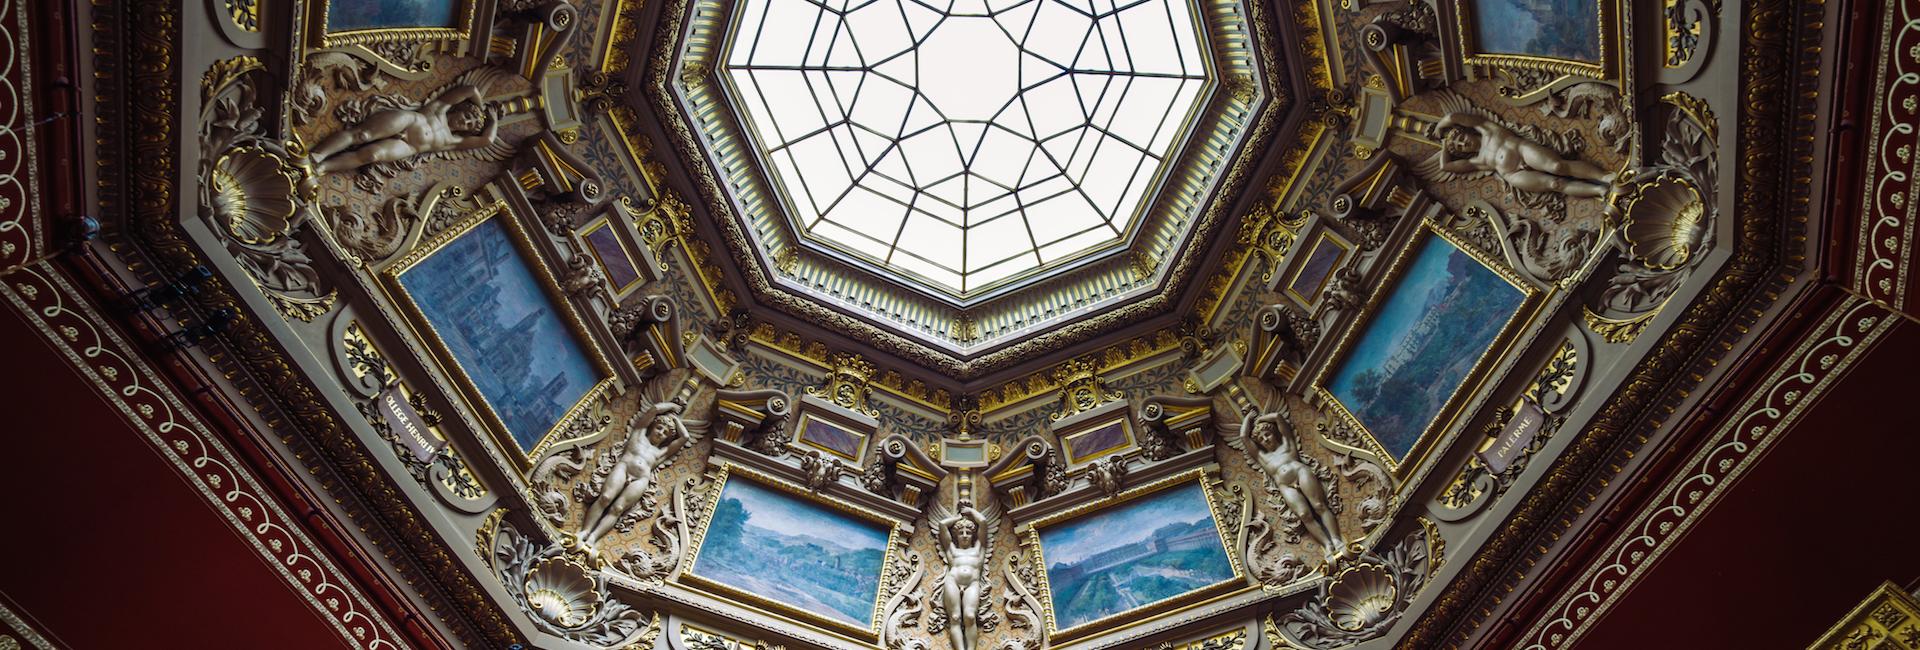 Domaine de Chantilly Architecture Details .jpg